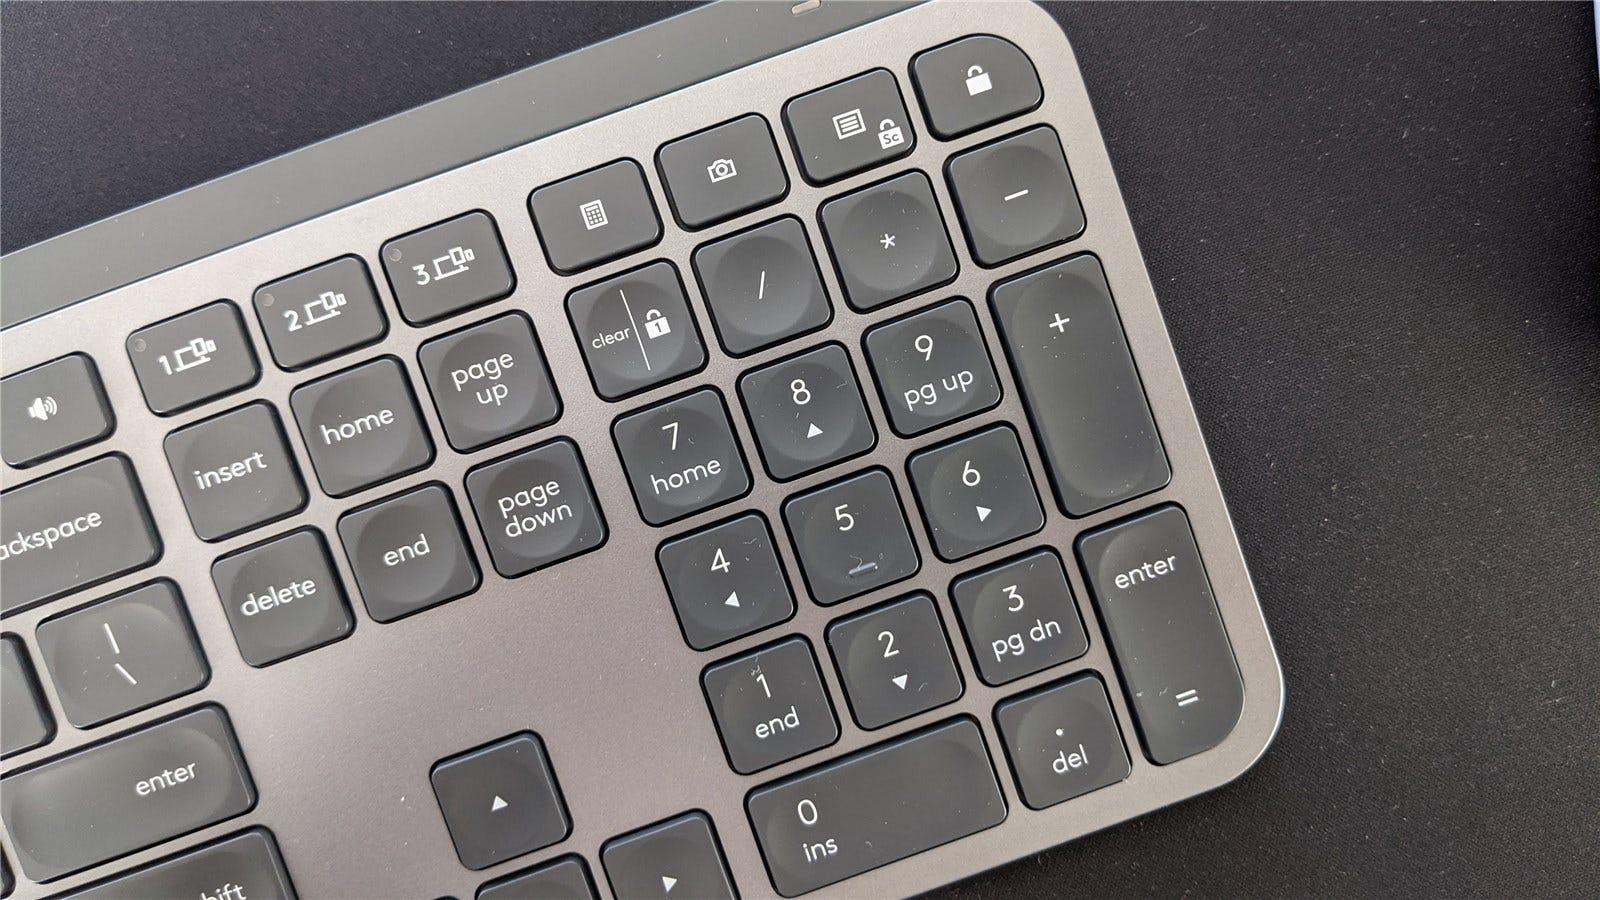 The MX Keys' 10 key